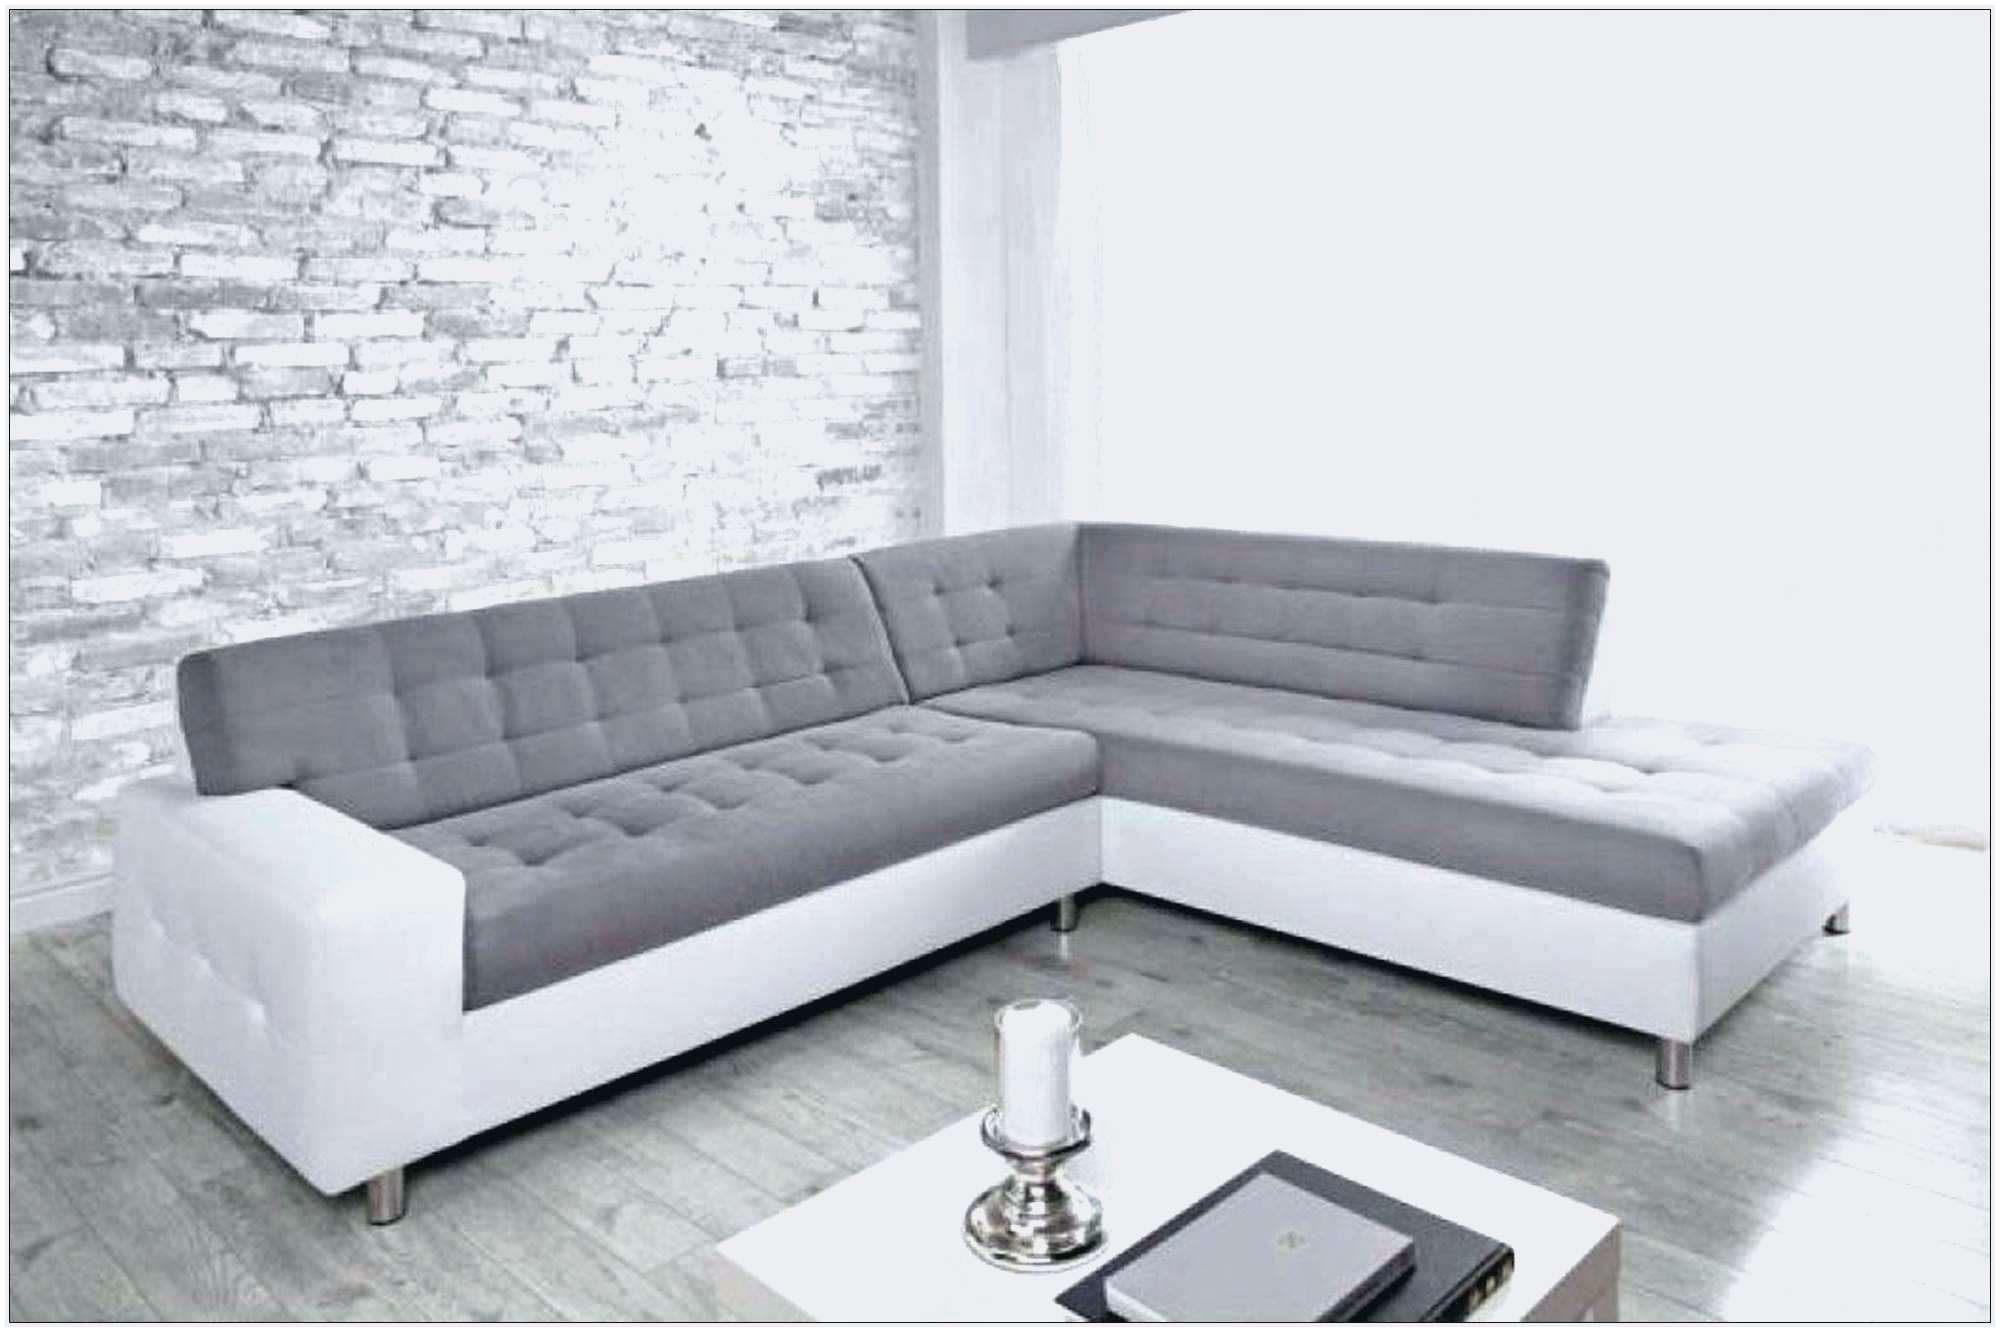 Canapé Lit Habitat Impressionnant Inspiré Ikea Canapé D Angle Convertible Beau Image Lit 2 Places 25